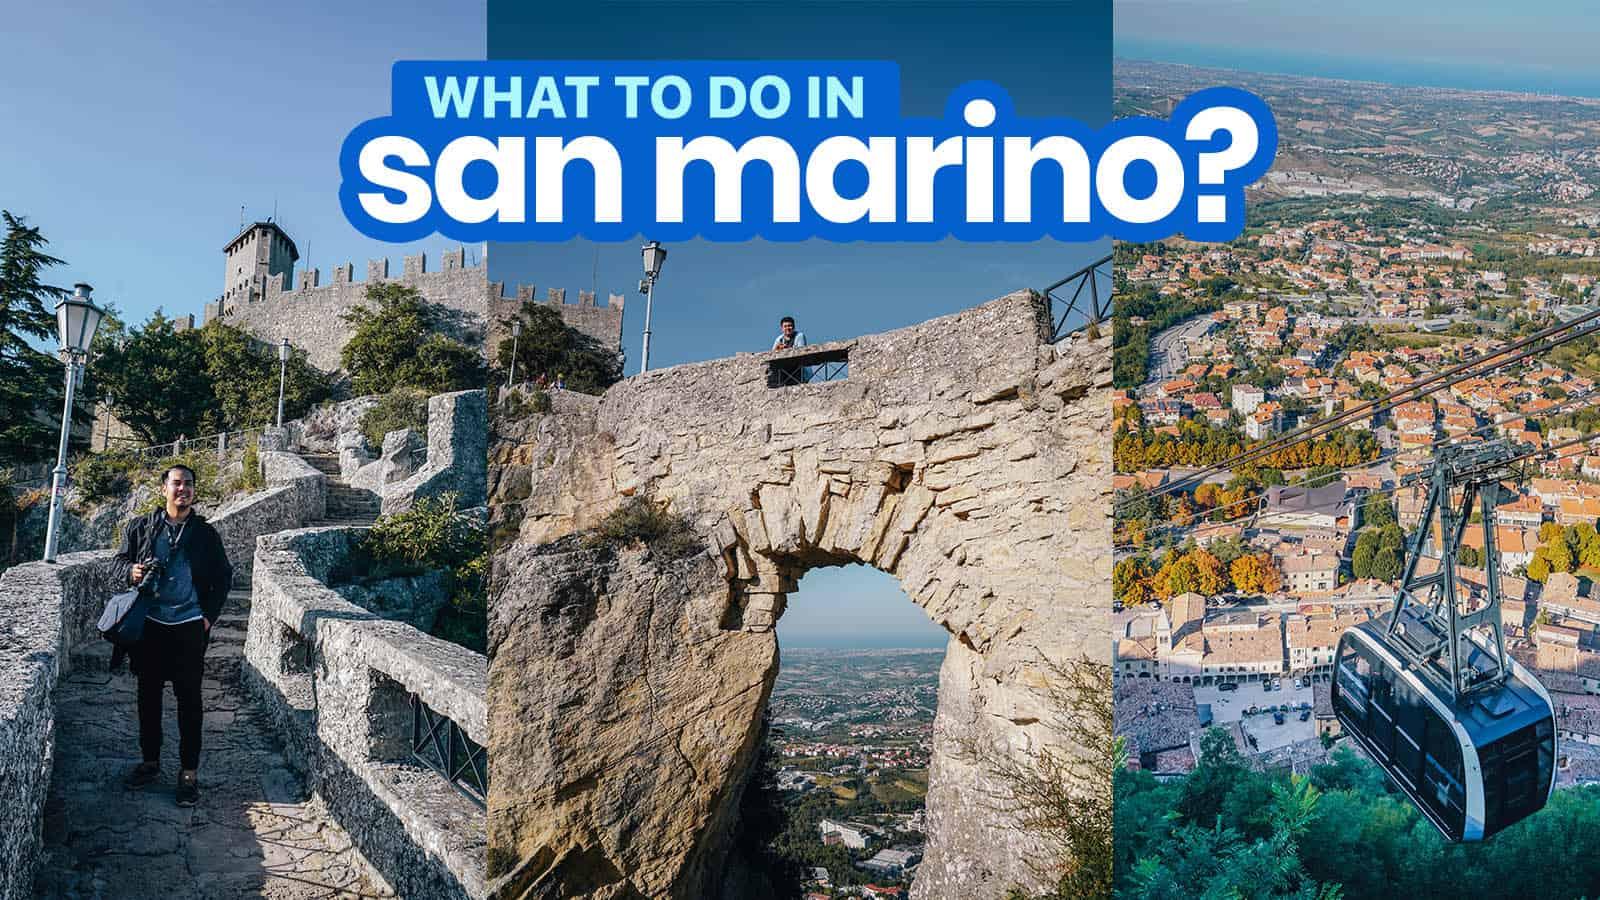 圣马力诺一日游行程:20件事情和步行路线   穷游者的行程博客